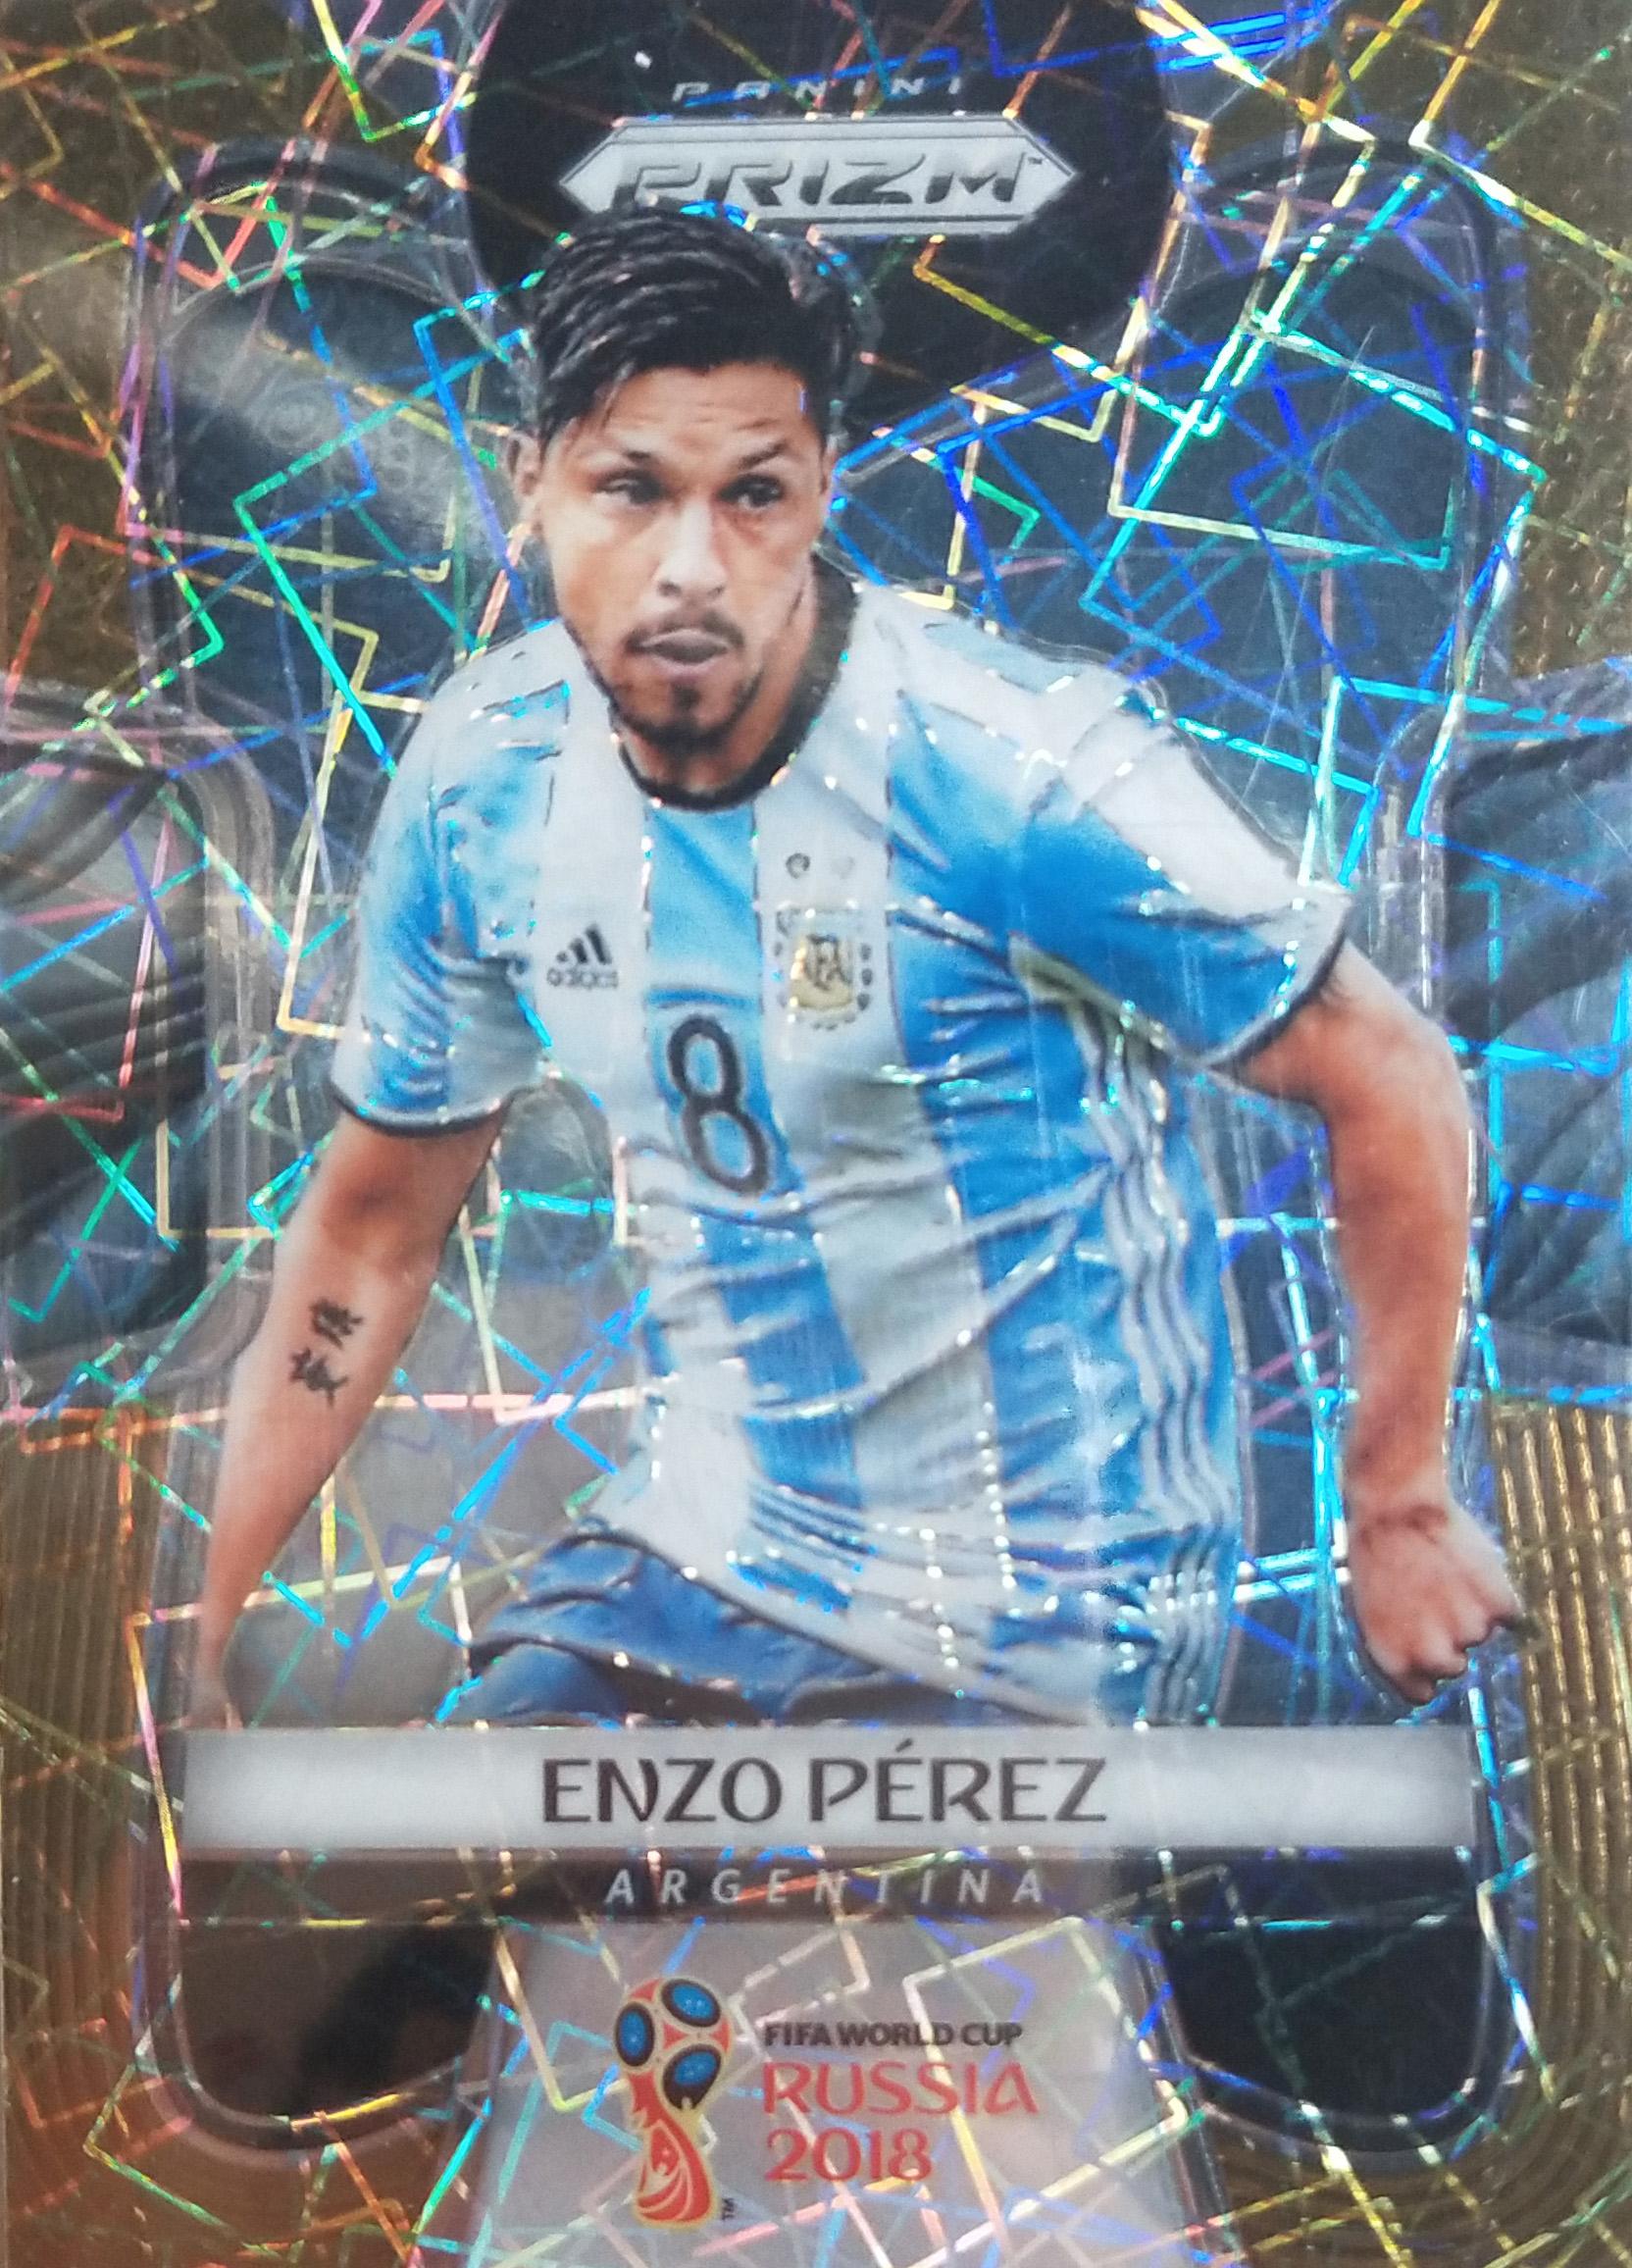 【自若清风】2018Panini俄罗斯世界杯球星卡Enzo Perez佩雷斯阿根廷15/15NO.12普卡